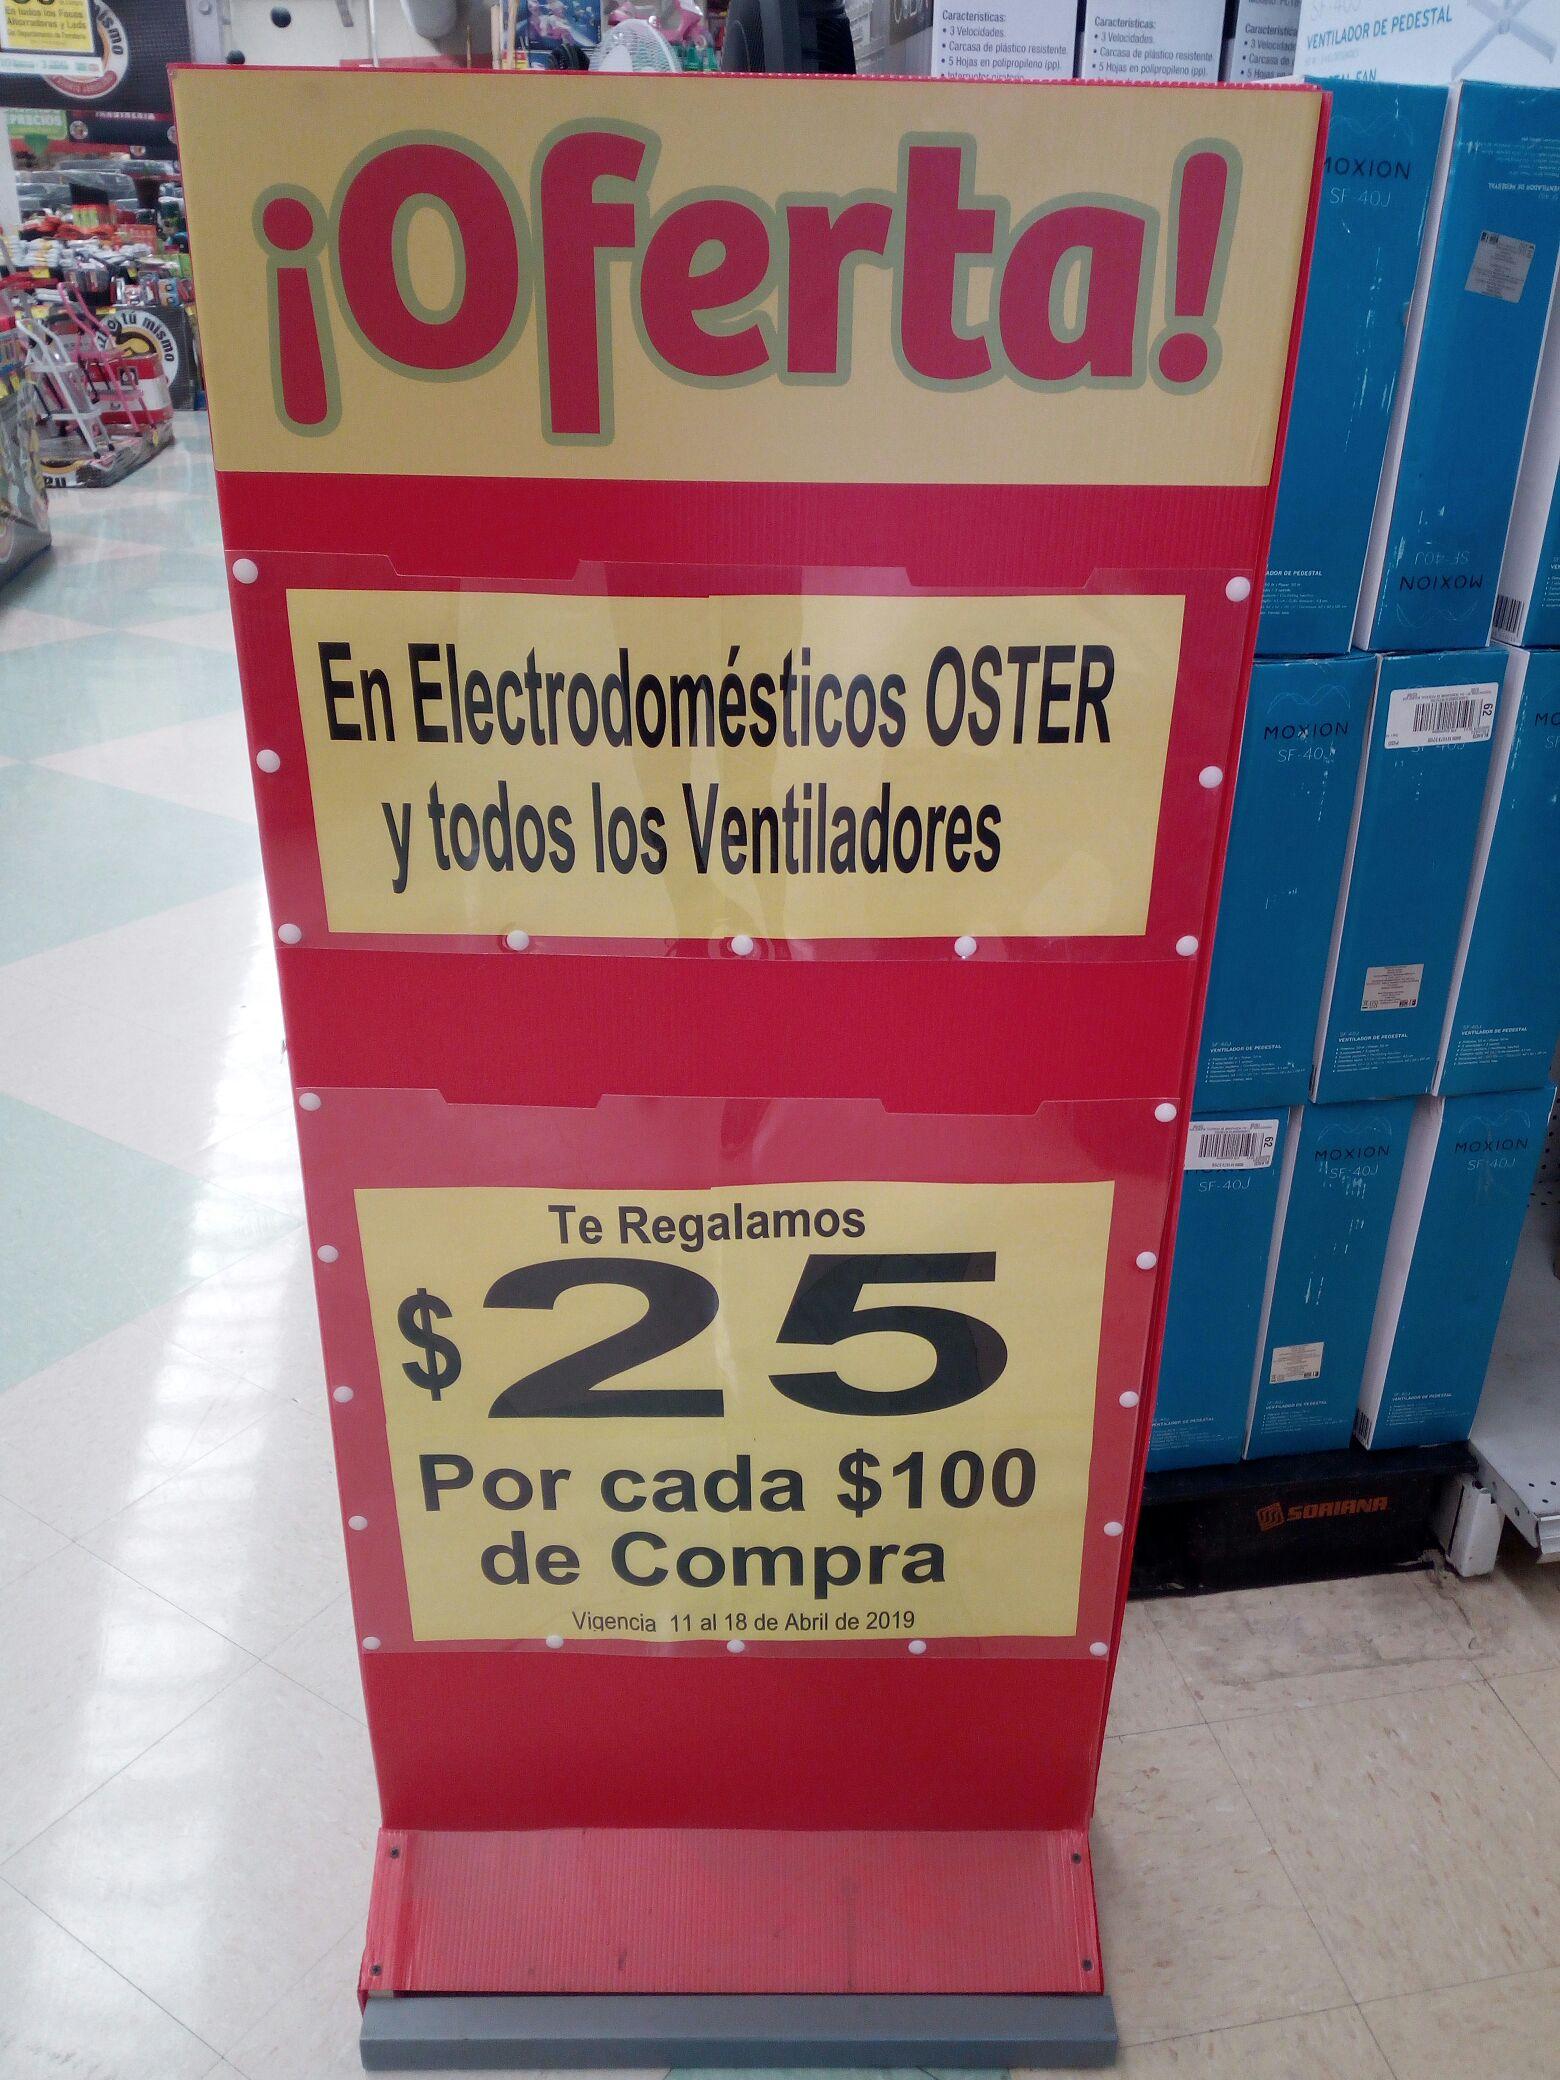 Soriana - $25 pesos de descuento por cada $100 pesos en la compra de electrodomésticos marca Oster y ventiladores